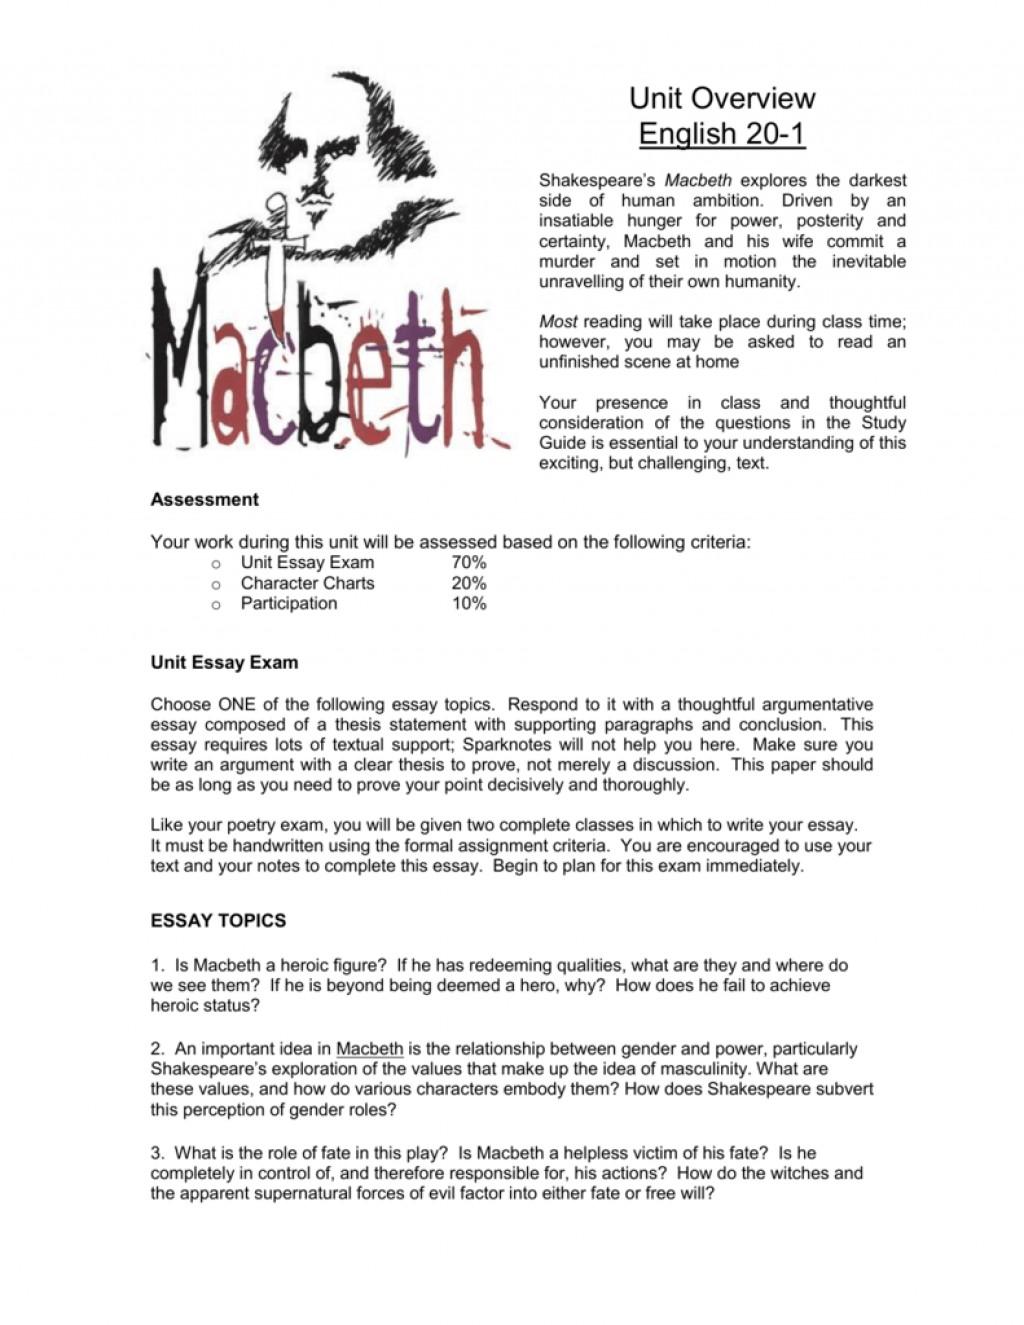 002 008041500 1 Macbeth Essay Topics Surprising Examples Pdf Grade 11 Tragic Hero Large